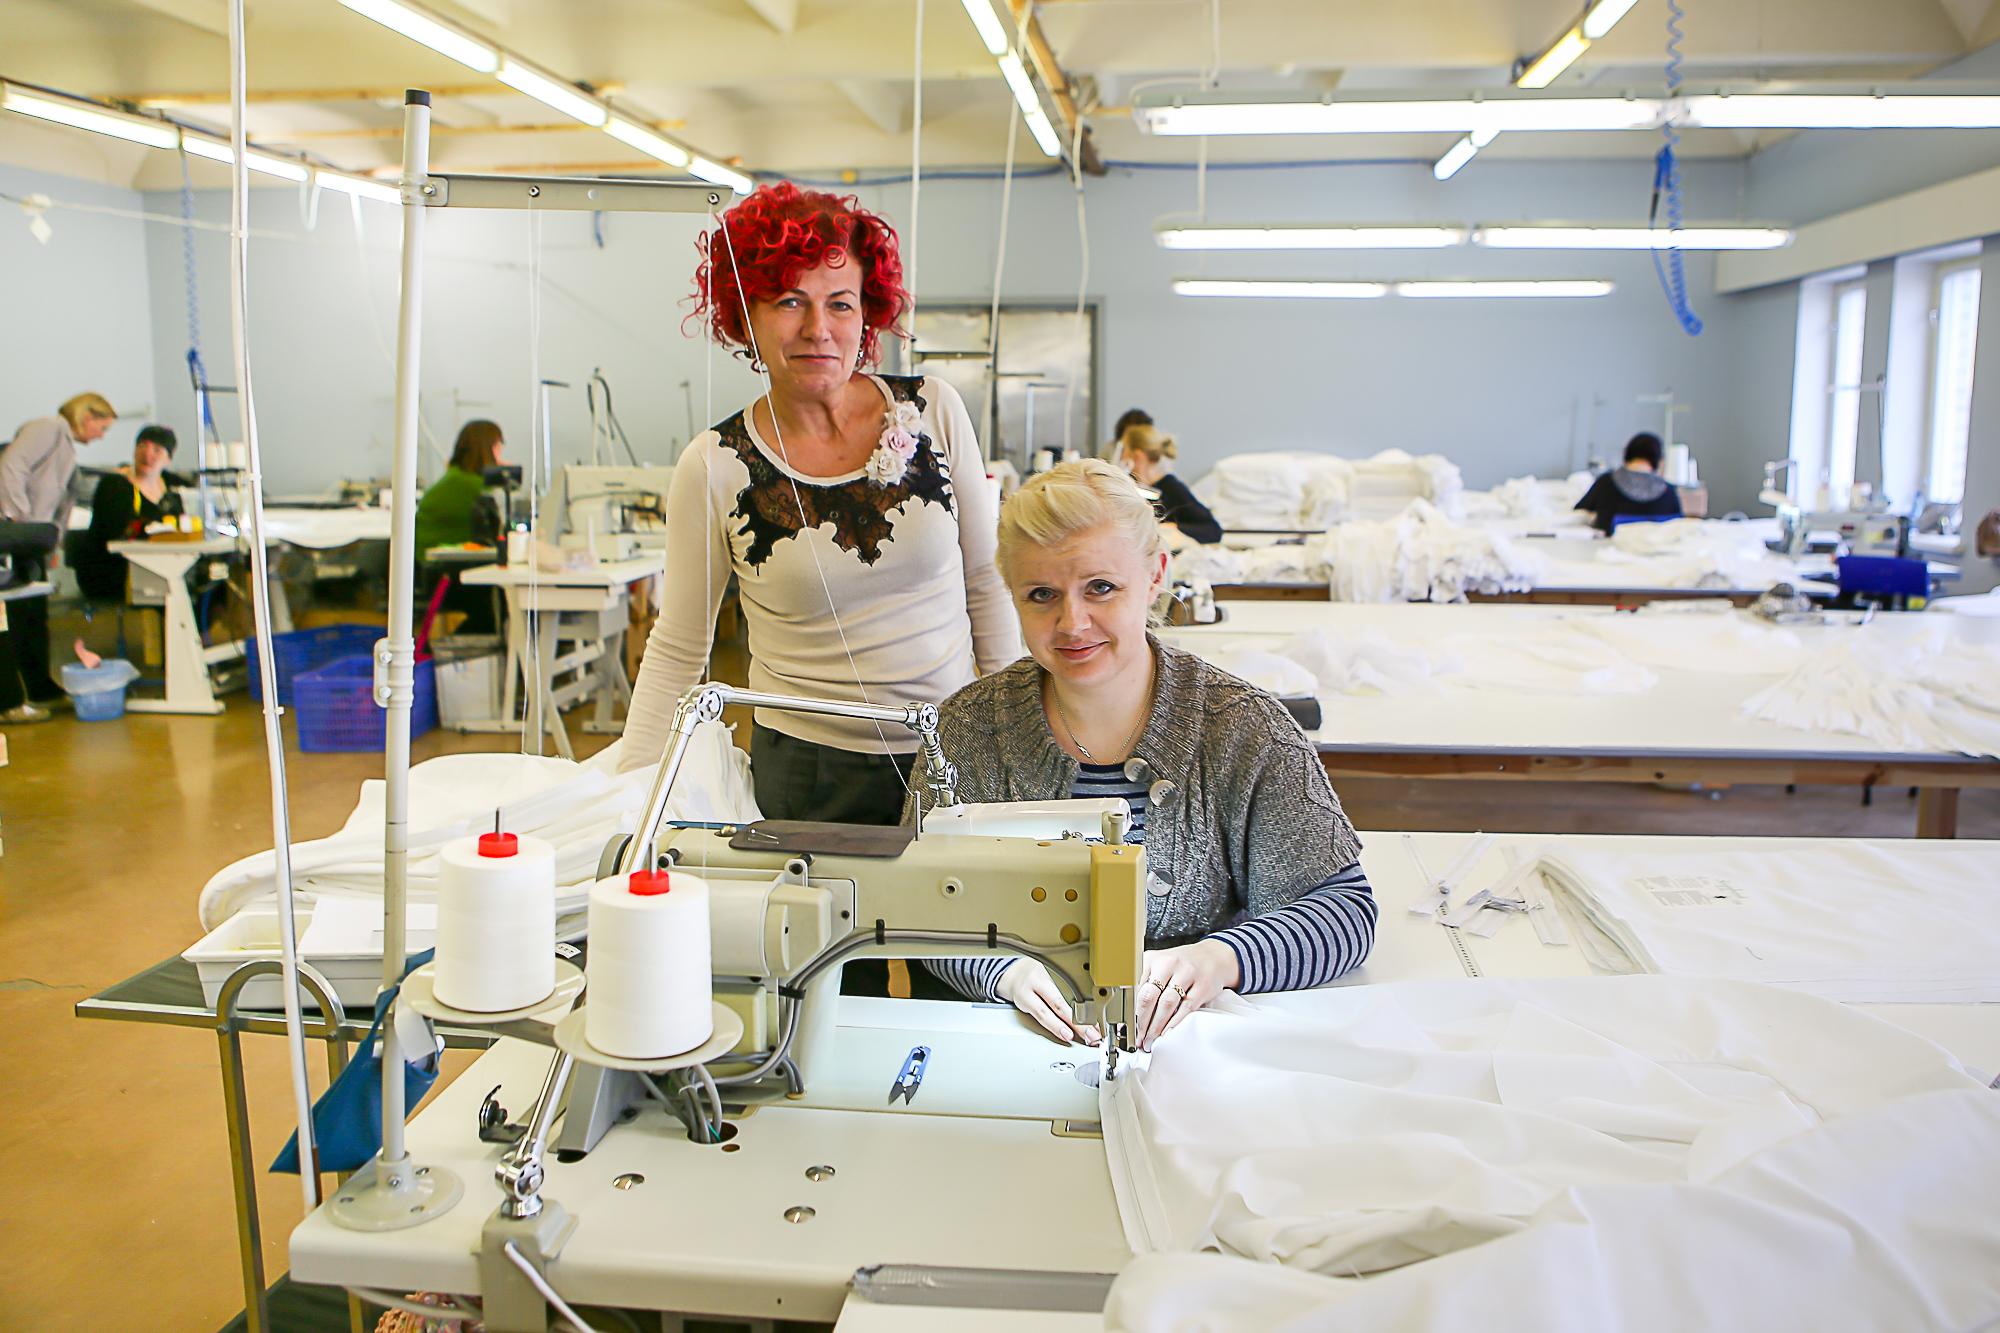 Kuressaares Rehemäe ehitusmaterjalide kaupluse teisel korrusel tegutsev tekstiiliettevõte MoonStar OÜ otsib oma kollektiivi viit õmblejat. Nende töö on erinevate tekstiiltoodete õmblemine tükitöönormide alusel ja õmblejad peaksid tööle asuma niipea, kui […]